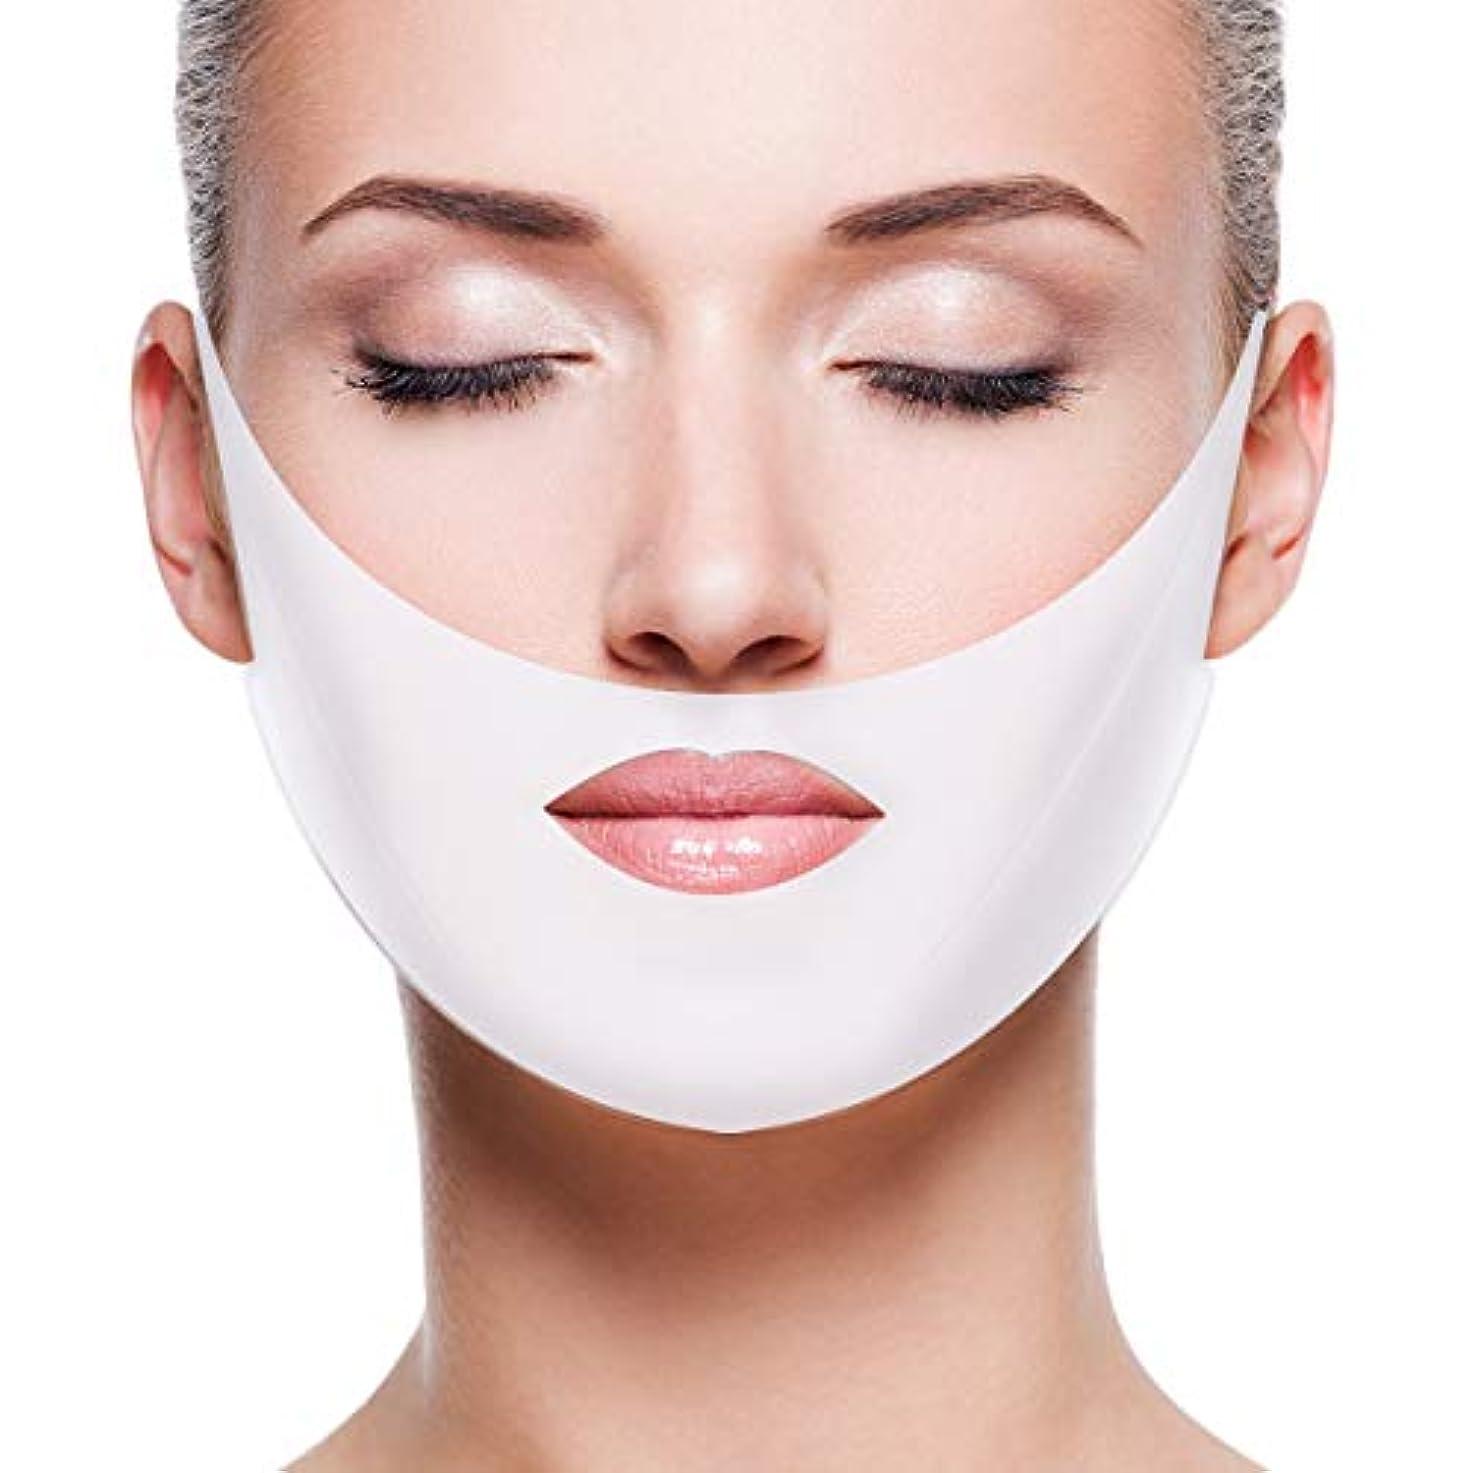 永久に起きろ可動Creacom 小顔 マスク フェイス マスク 顔パック 顎サポーター リフトアップ 引き締め 法令線 予防 抗シワ 通気性抜群 美容グッズ 小顔美人 男女兼用 3/5枚入り